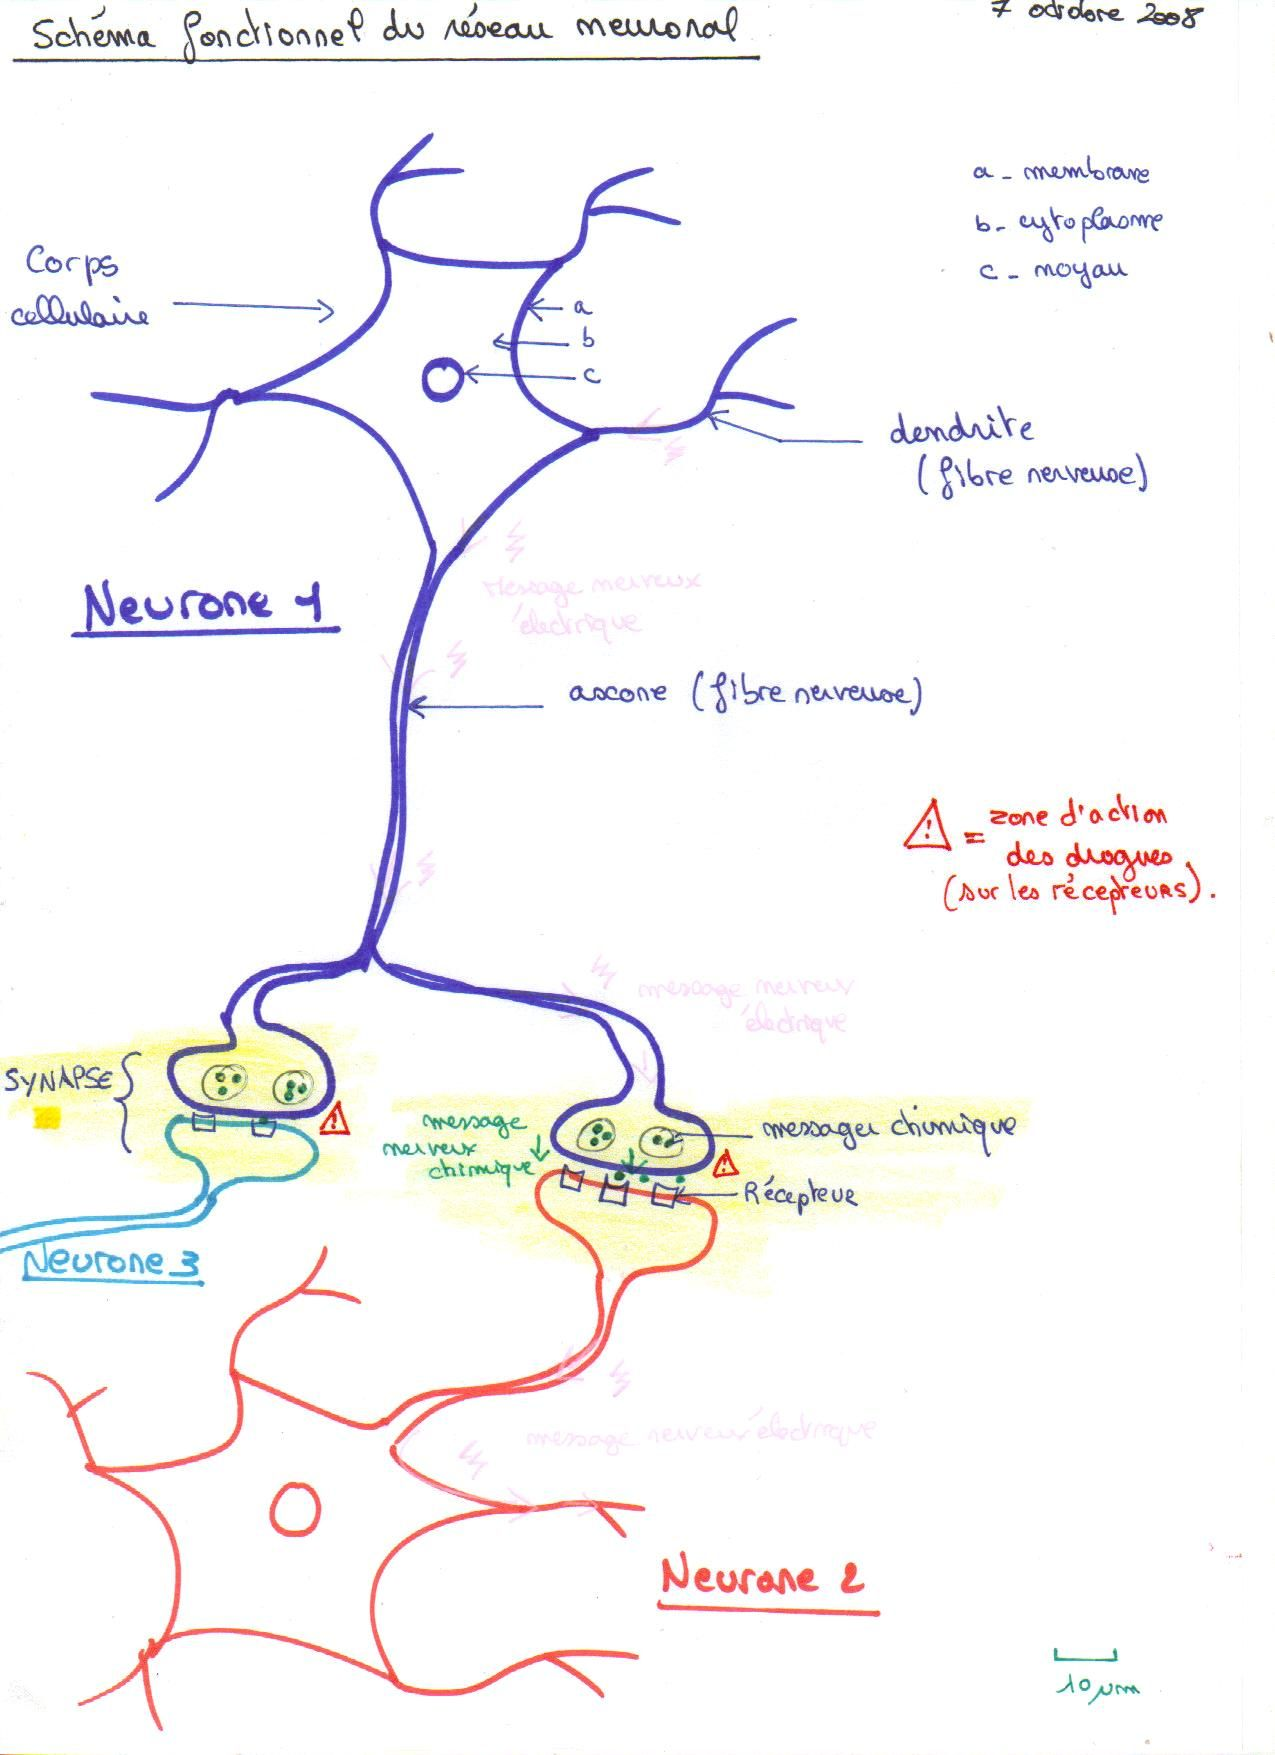 Le syst me nerveux et ses perturbations svt 4 me cours for Influx nerveux